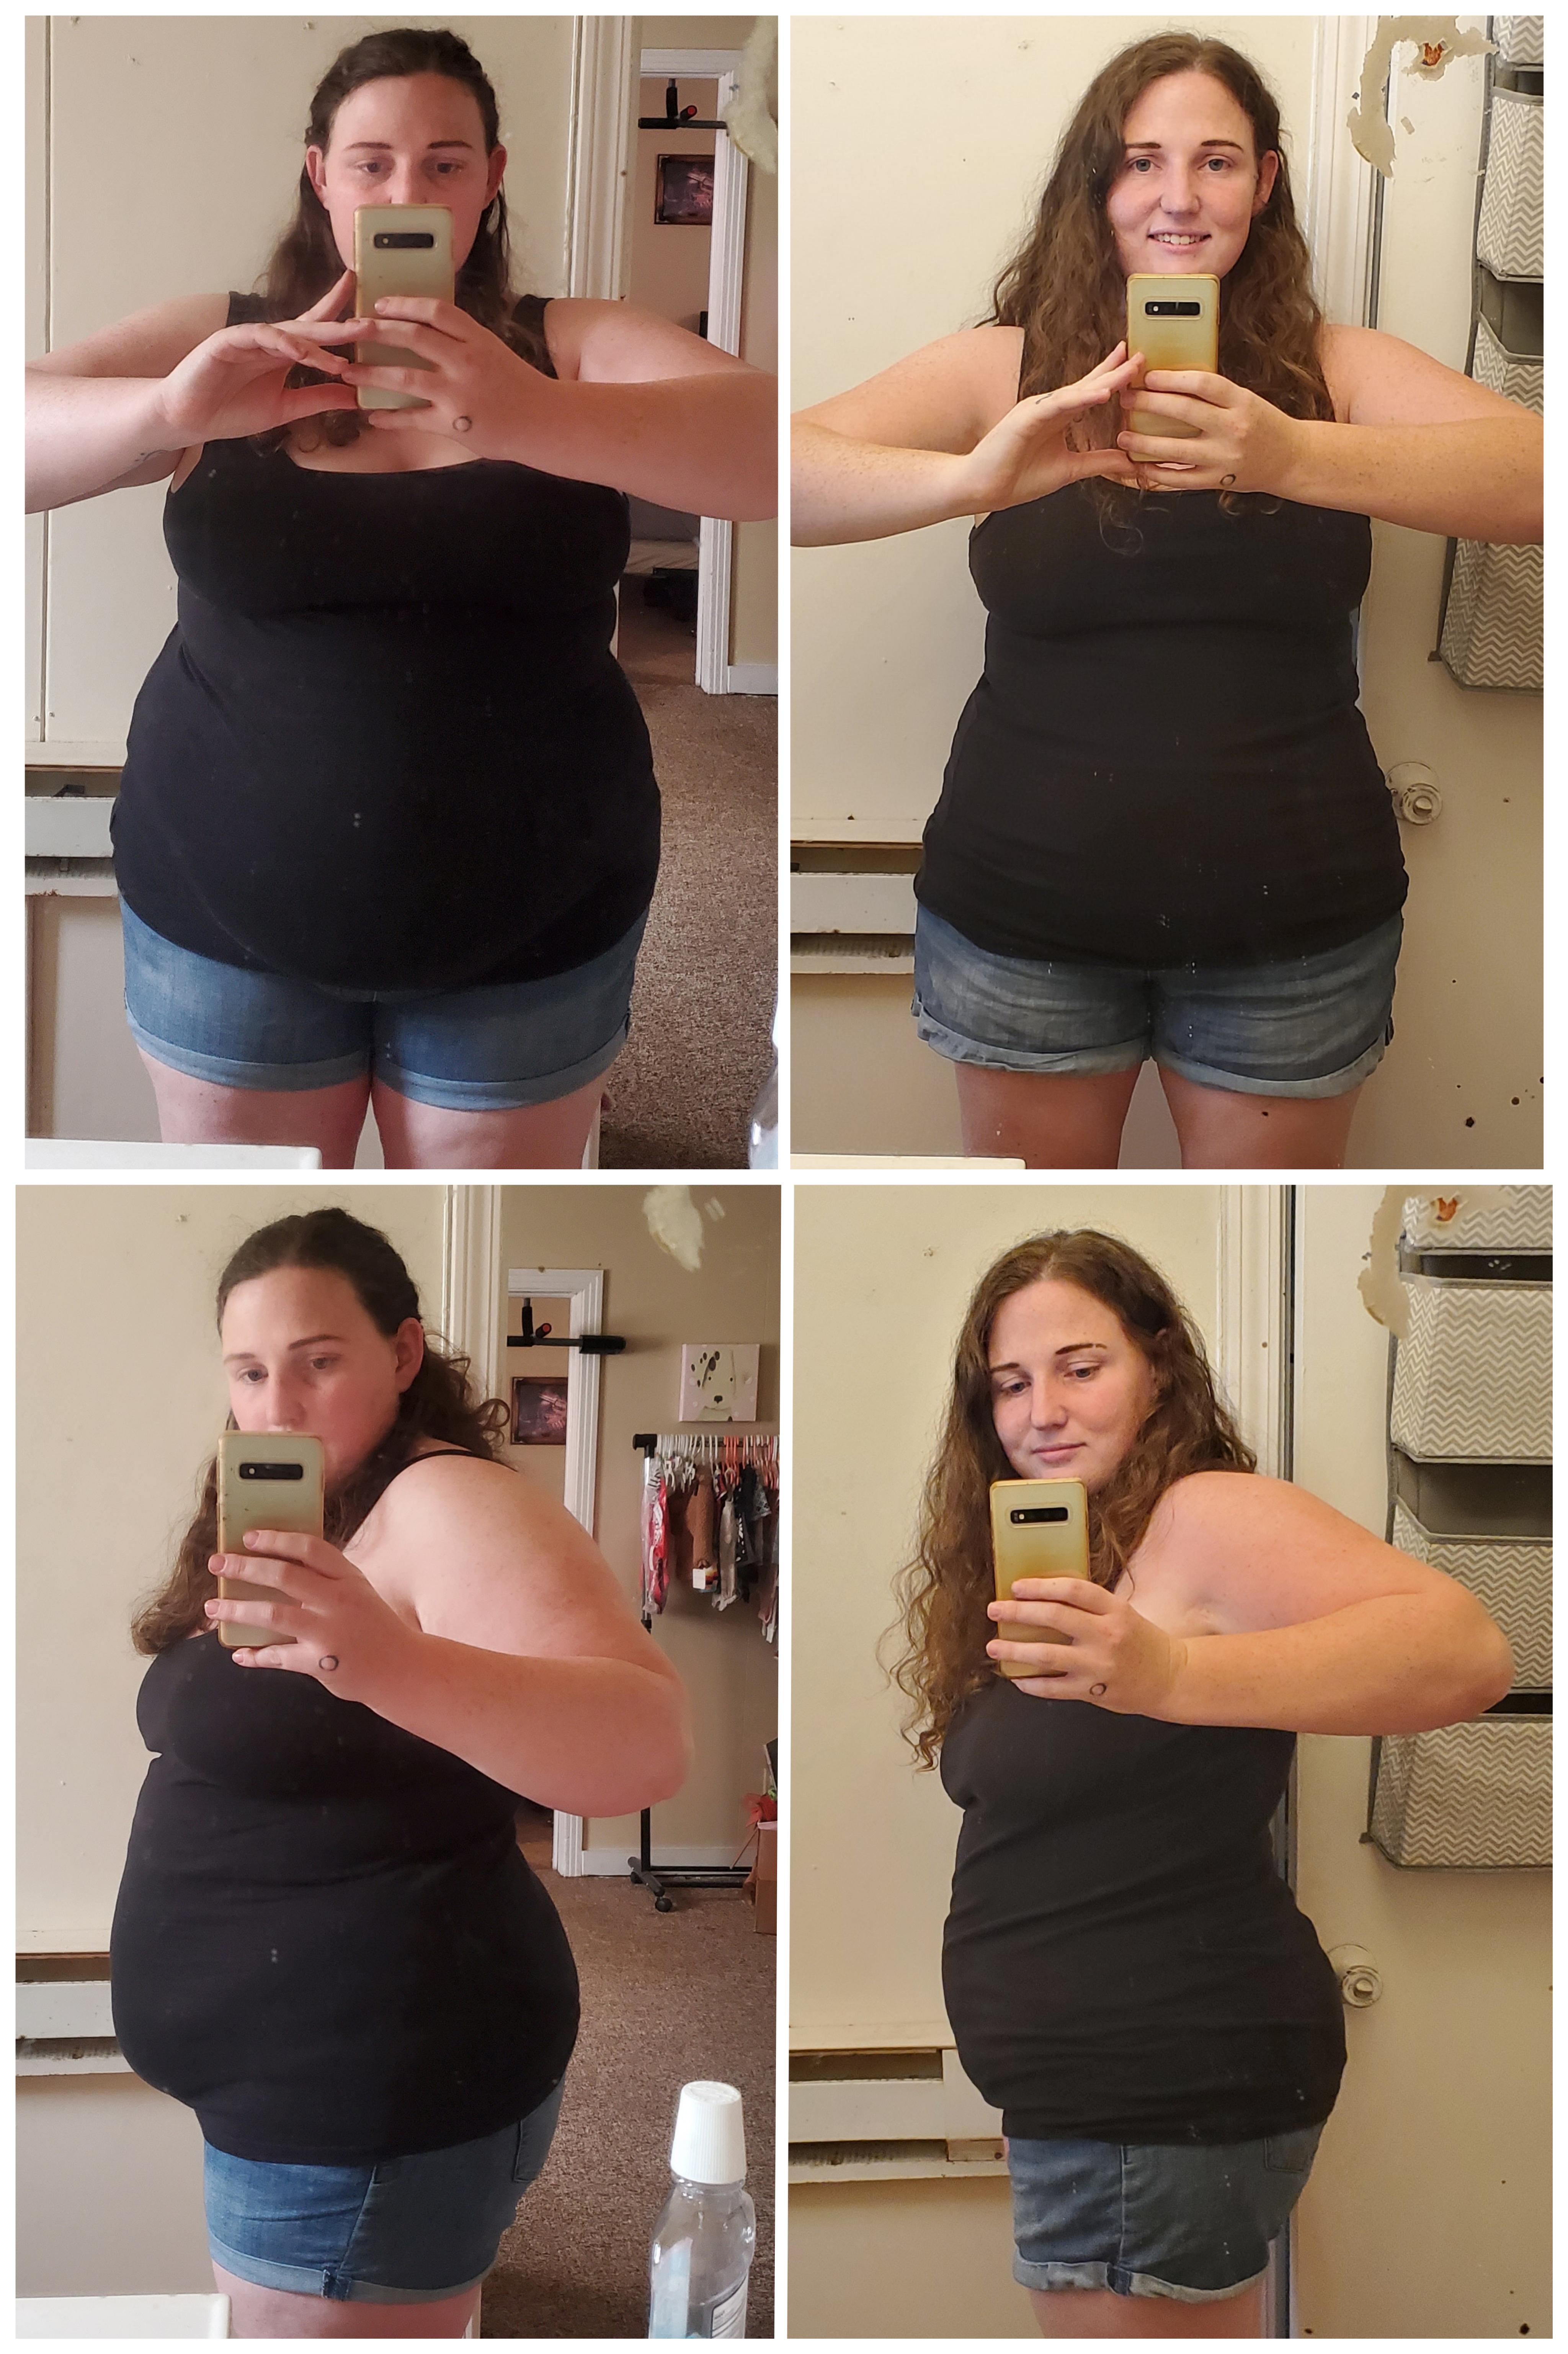 5 foot 4 Female Progress Pics of 61 lbs Fat Loss 265 lbs to 204 lbs